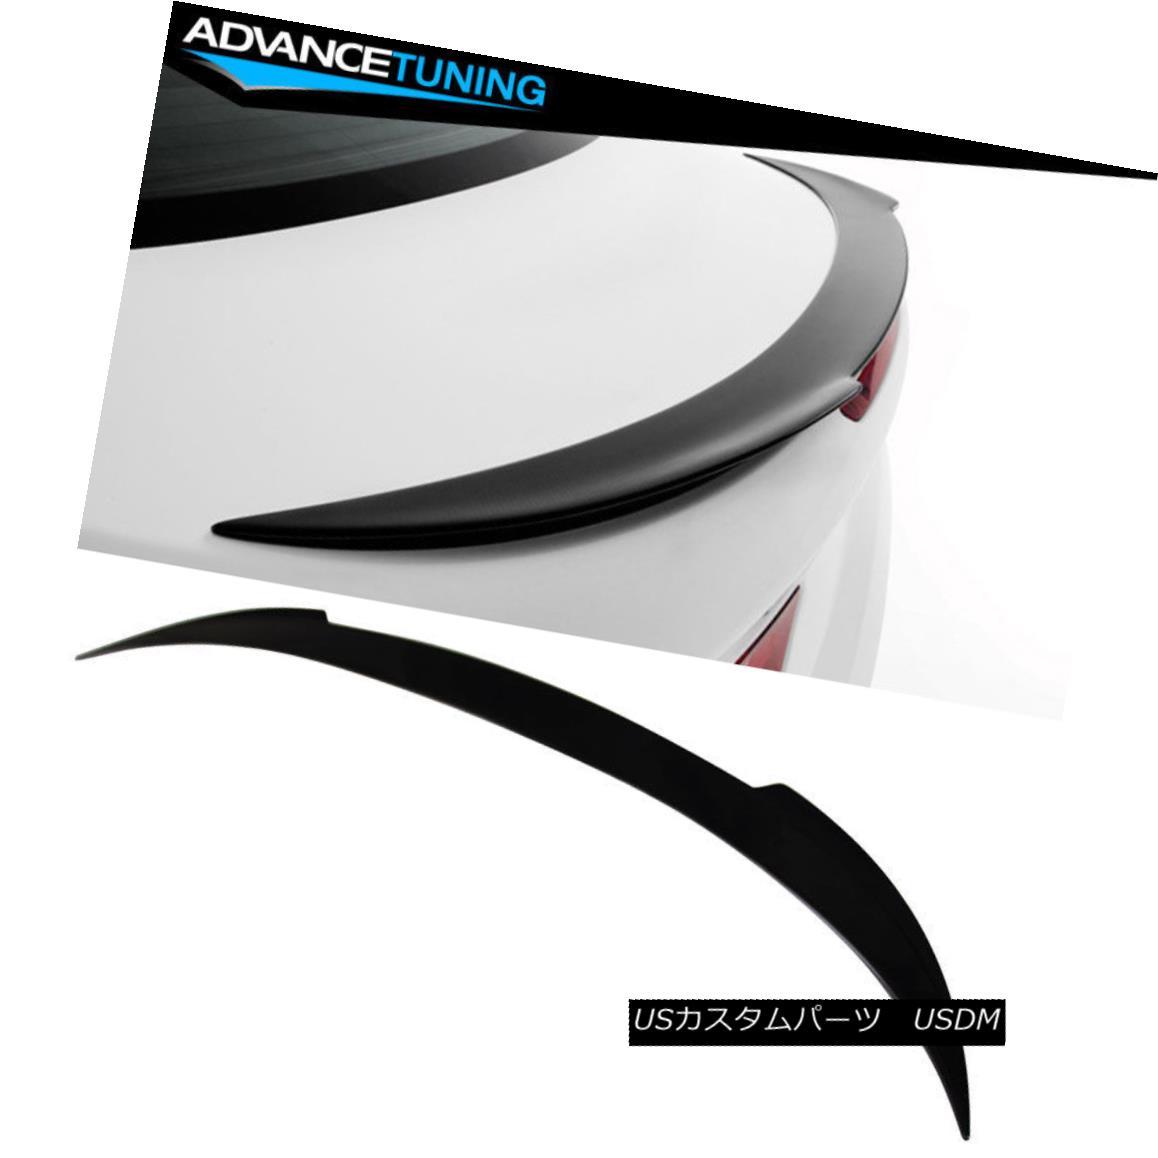 エアロパーツ Fits 12-17 F13 6-Series F06 Trunk Spoiler OEM Painted #416 Carbon Black Metallic フィット12-17 F13 6シリーズF06トランク・スポイラーOEM塗装#416カーボンブラック・メタリック